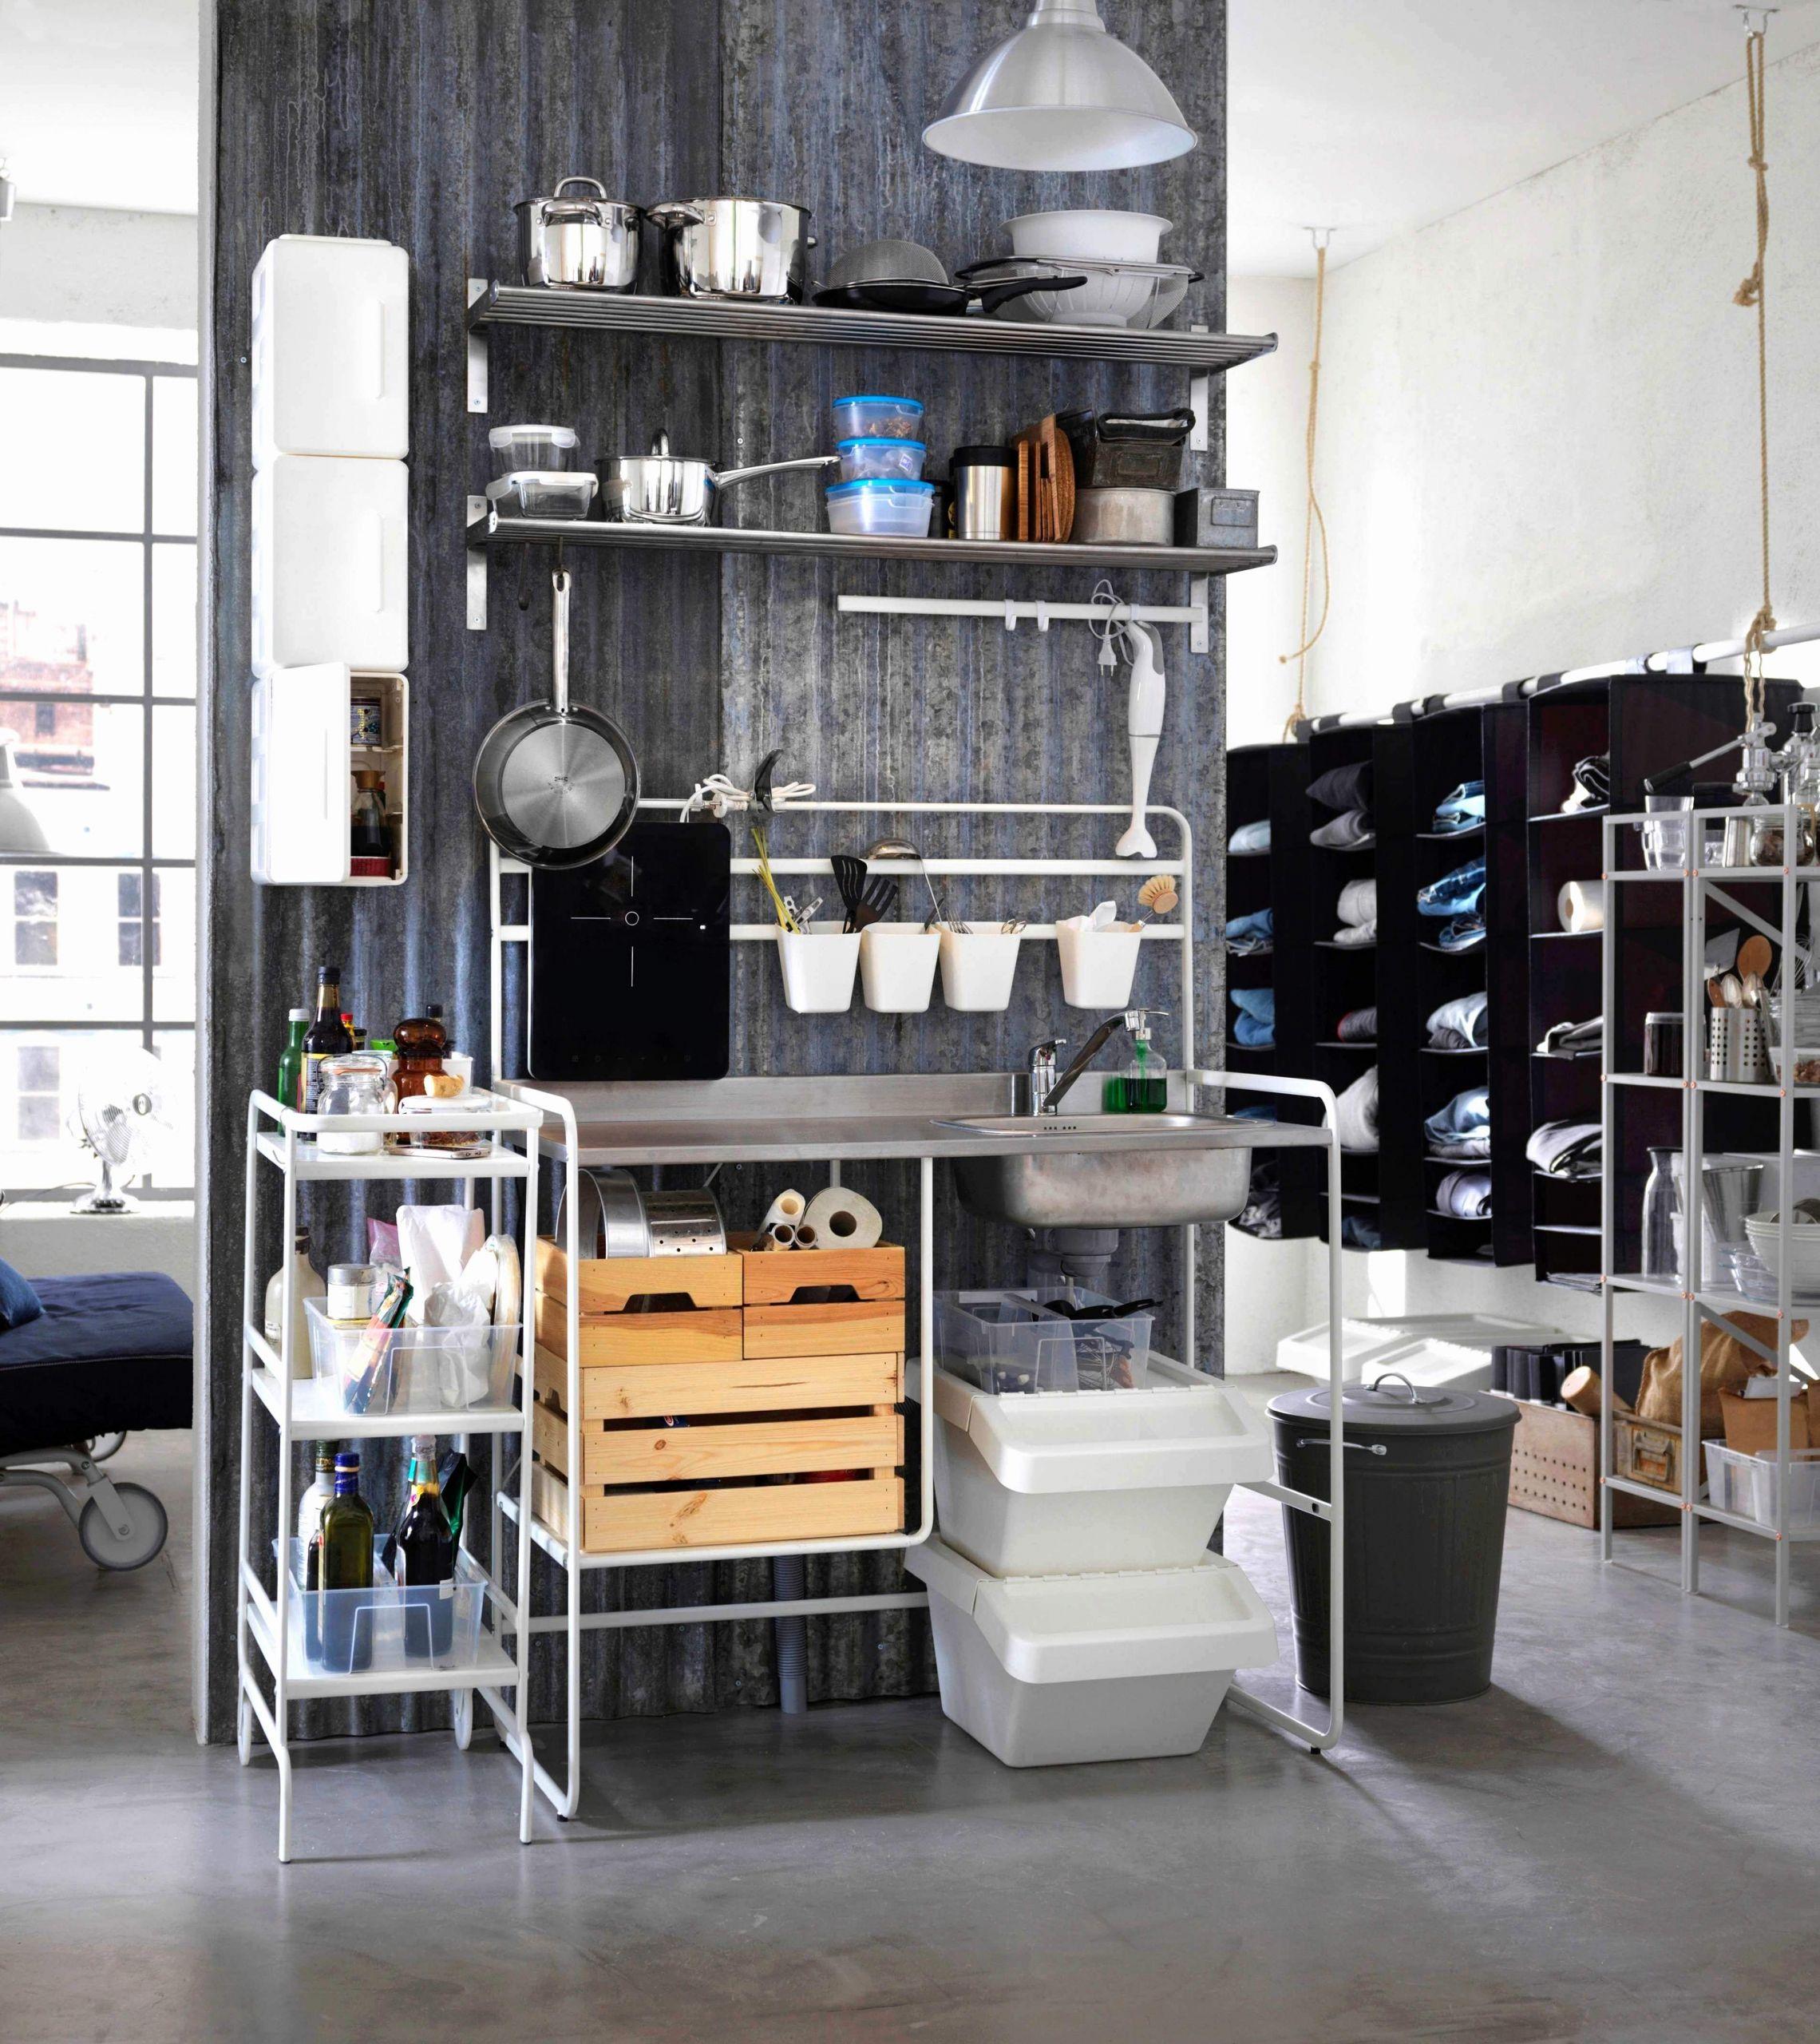 Full Size of Relaxliege Wohnzimmer Ikea Liege Caseconradcom Tisch Deckenlampe Pendelleuchte Dekoration Vinylboden Kamin Landhausstil Lampen Vorhang Tapete Stehlampen Sessel Wohnzimmer Relaxliege Wohnzimmer Ikea